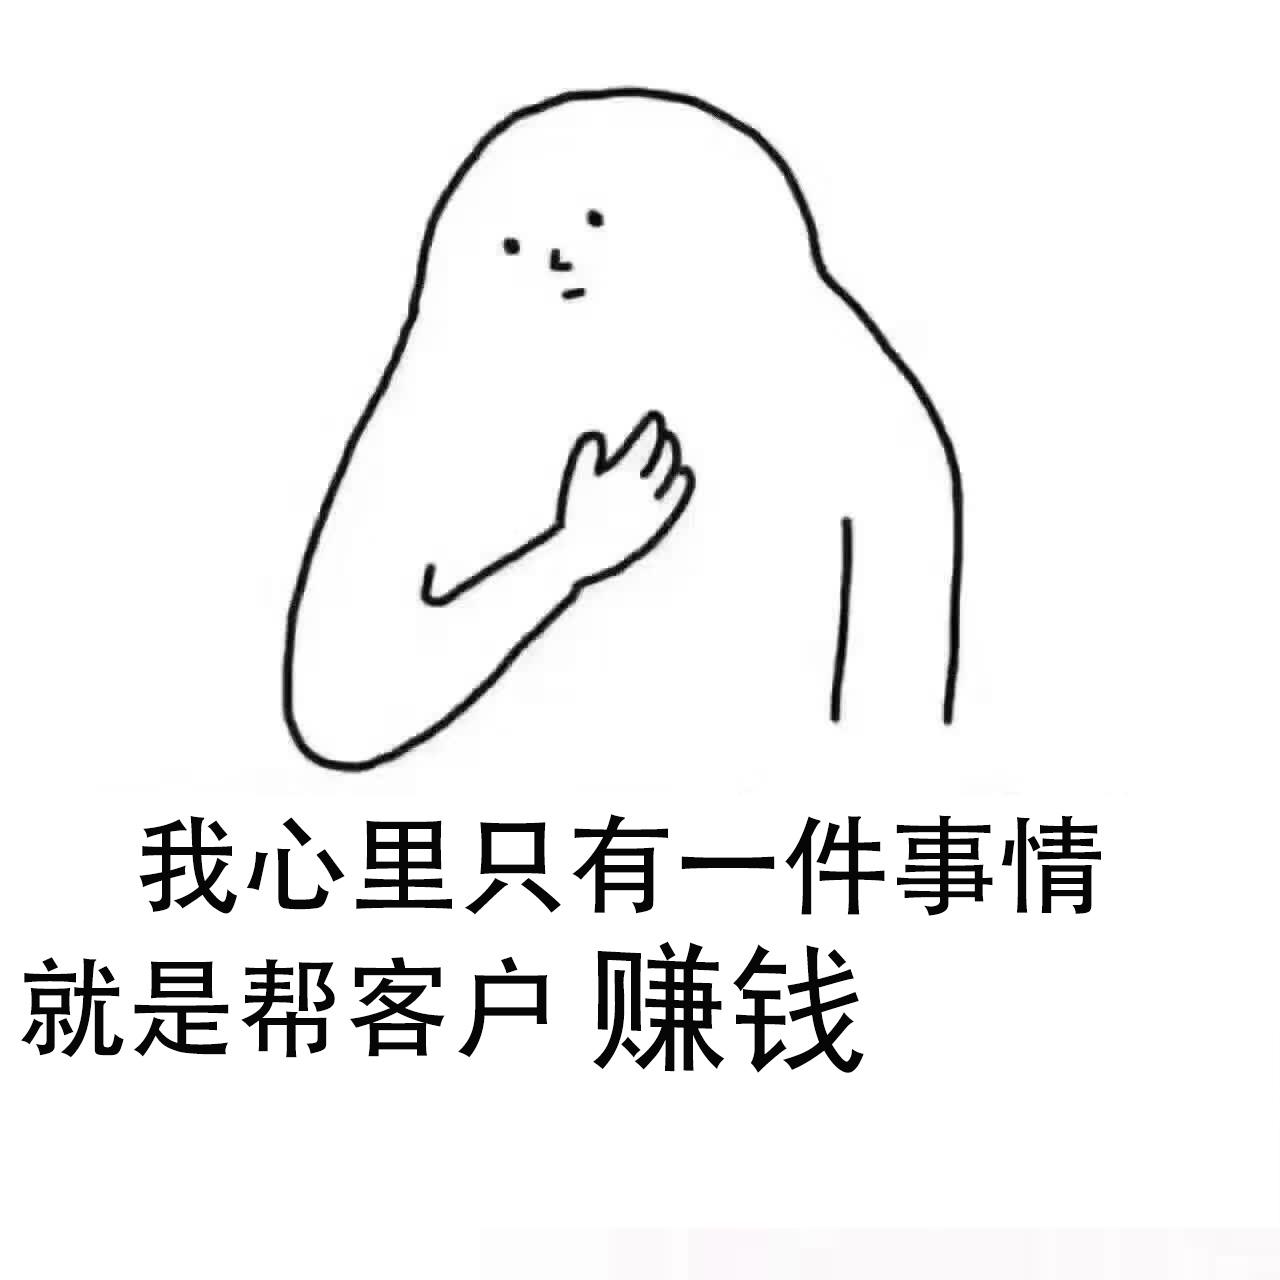 微信图片_20171011152335.jpg